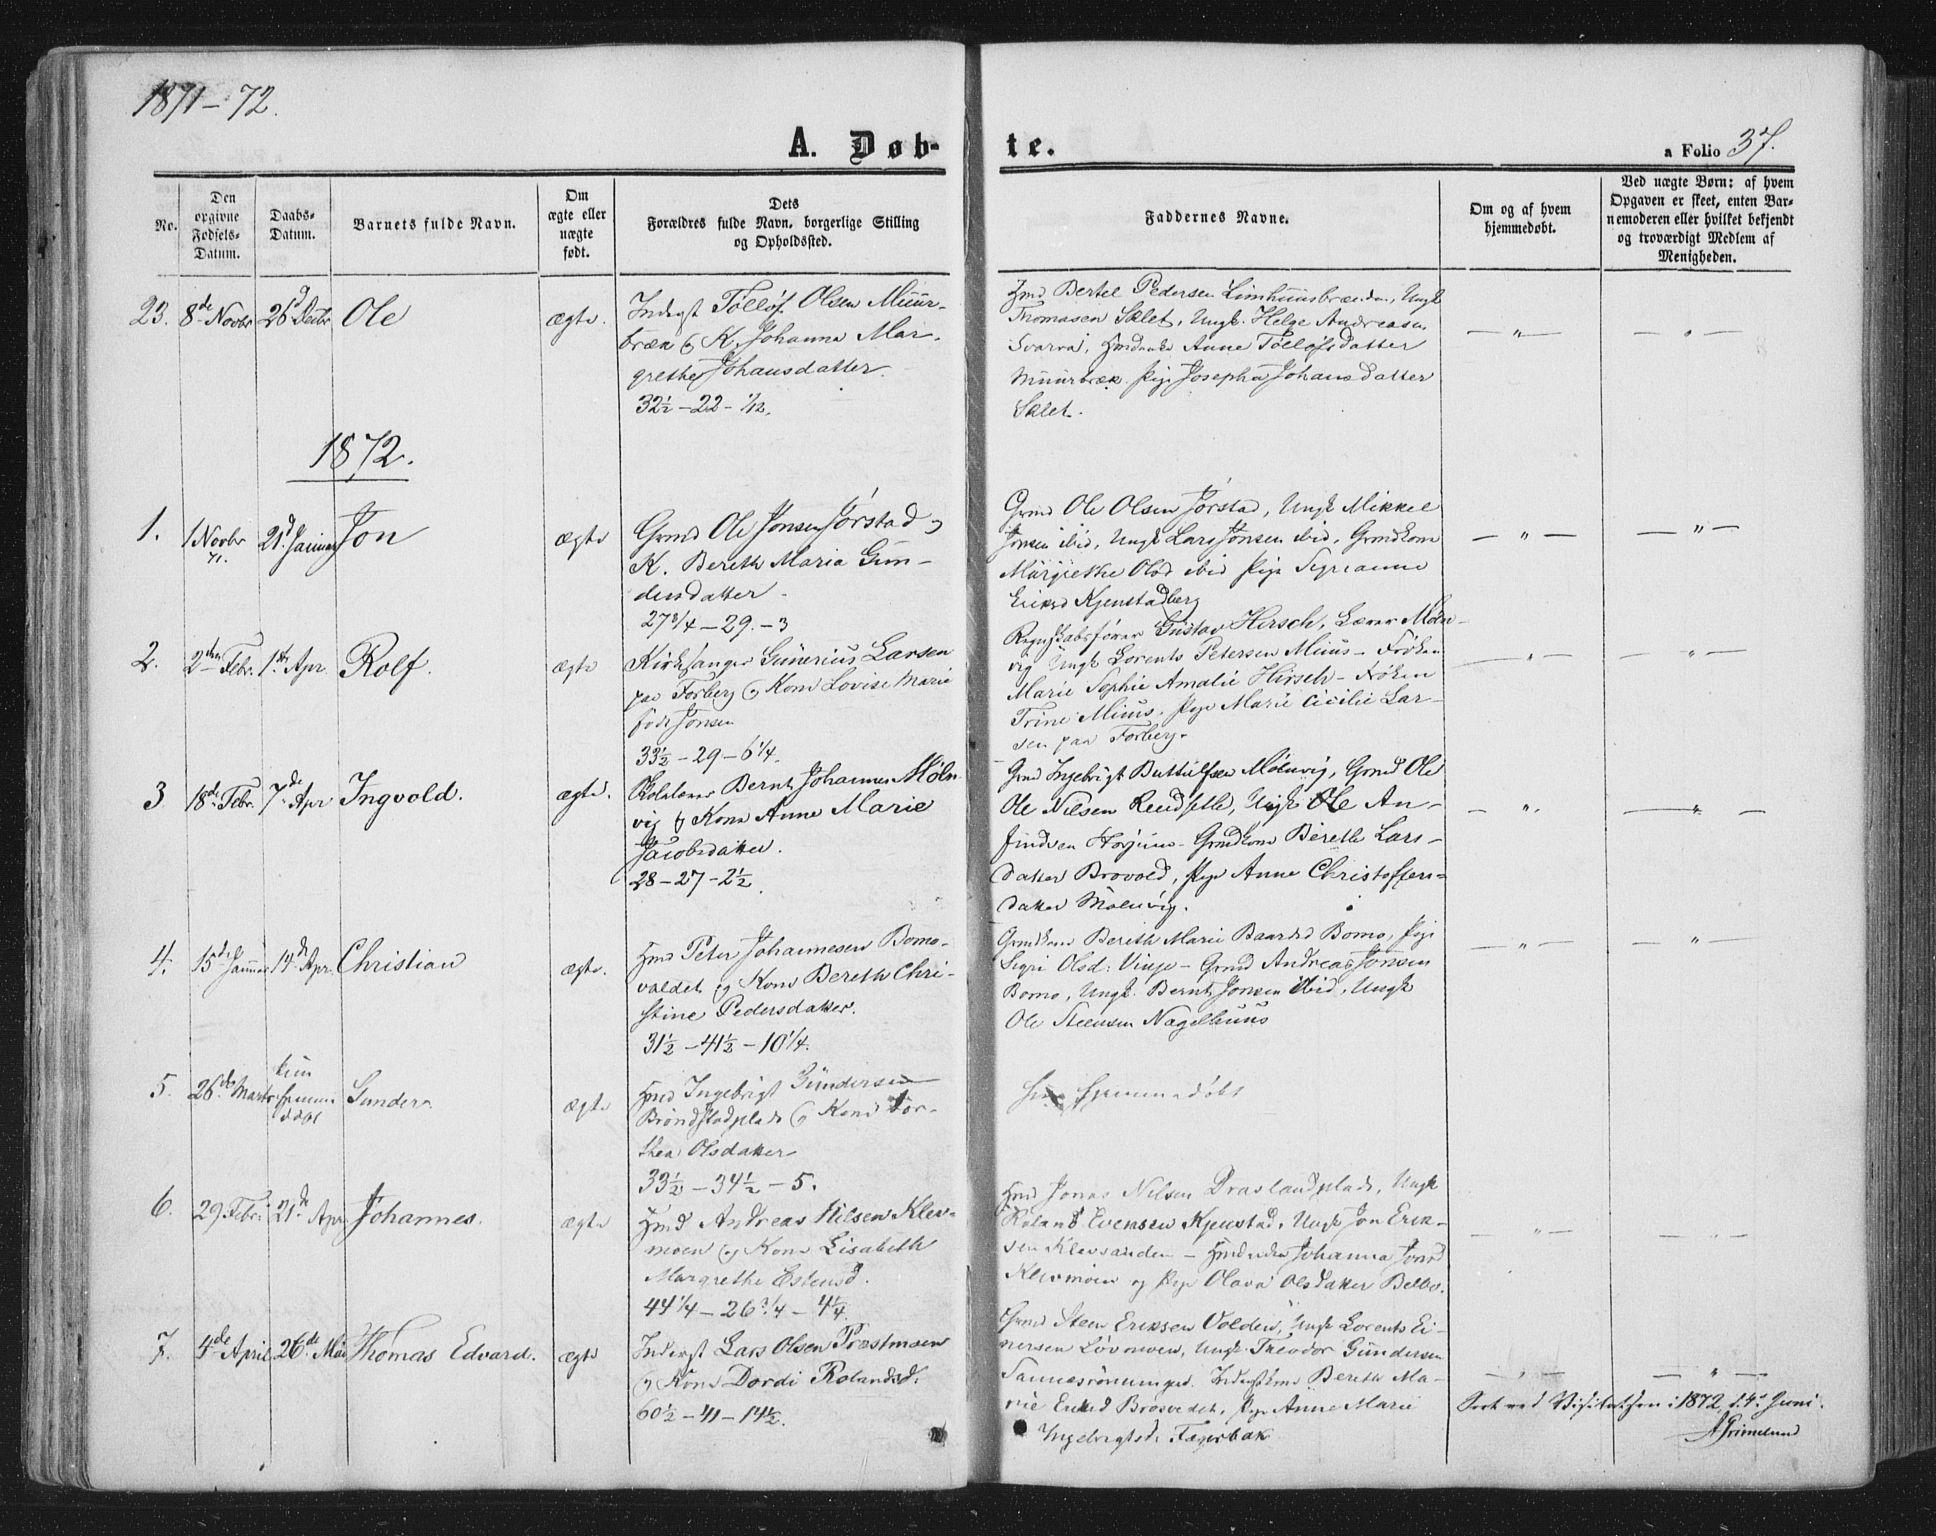 SAT, Ministerialprotokoller, klokkerbøker og fødselsregistre - Nord-Trøndelag, 749/L0472: Ministerialbok nr. 749A06, 1857-1873, s. 37